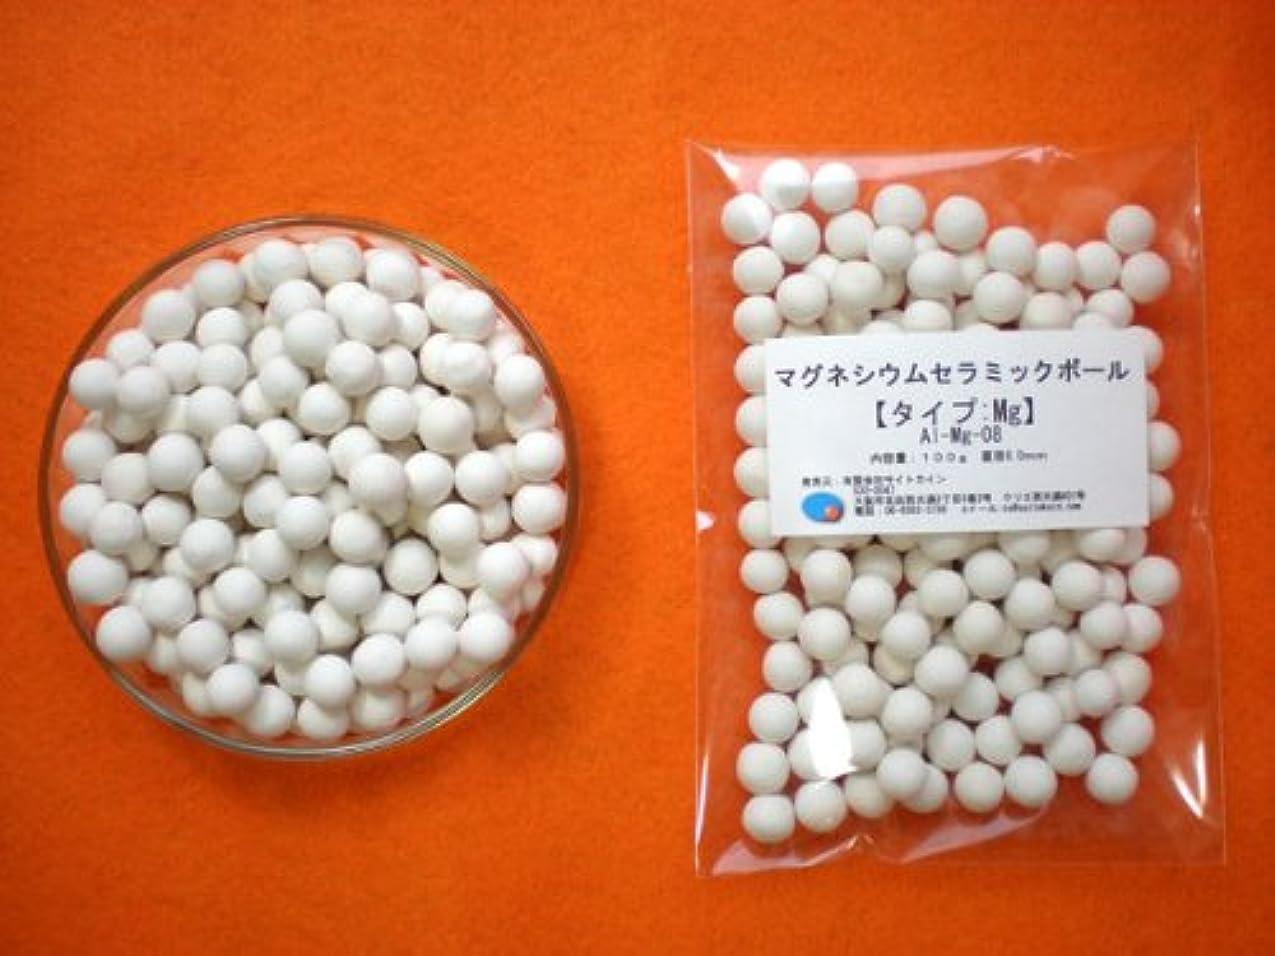 荷物コテージ航海マグネシウムセラミックボール 100グラム